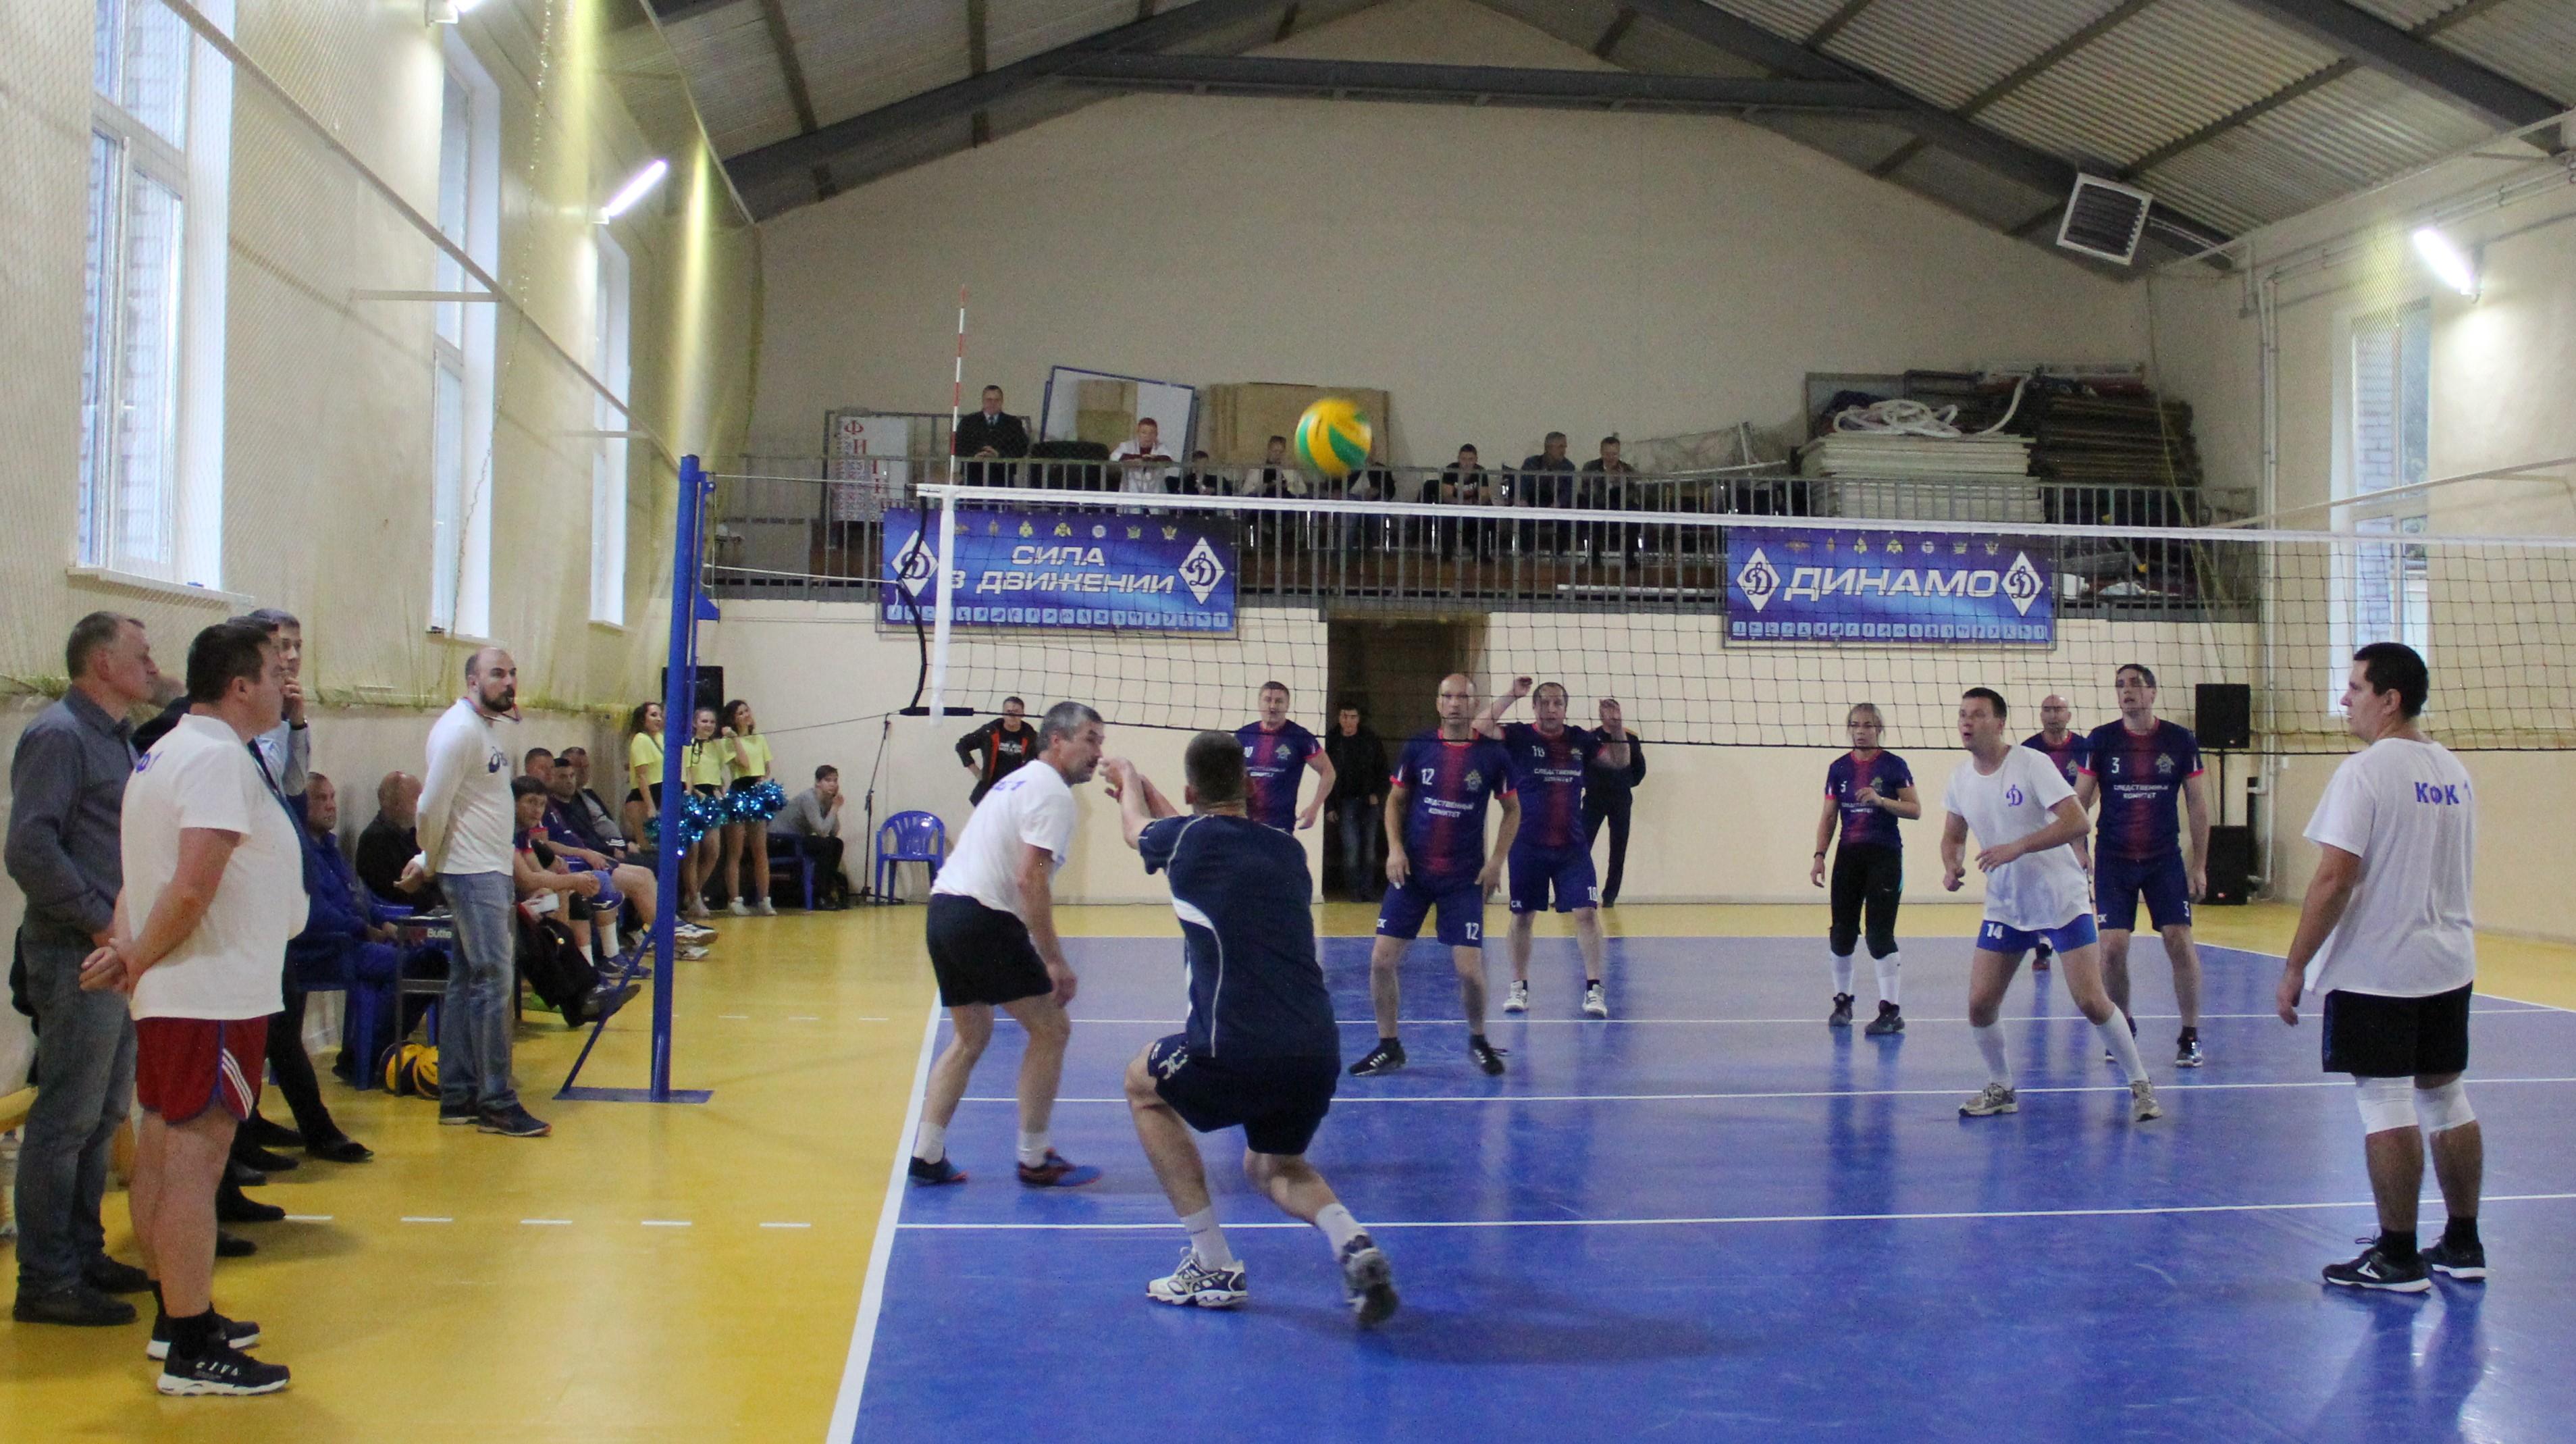 Мы все разные, но волейбол нас объединяет